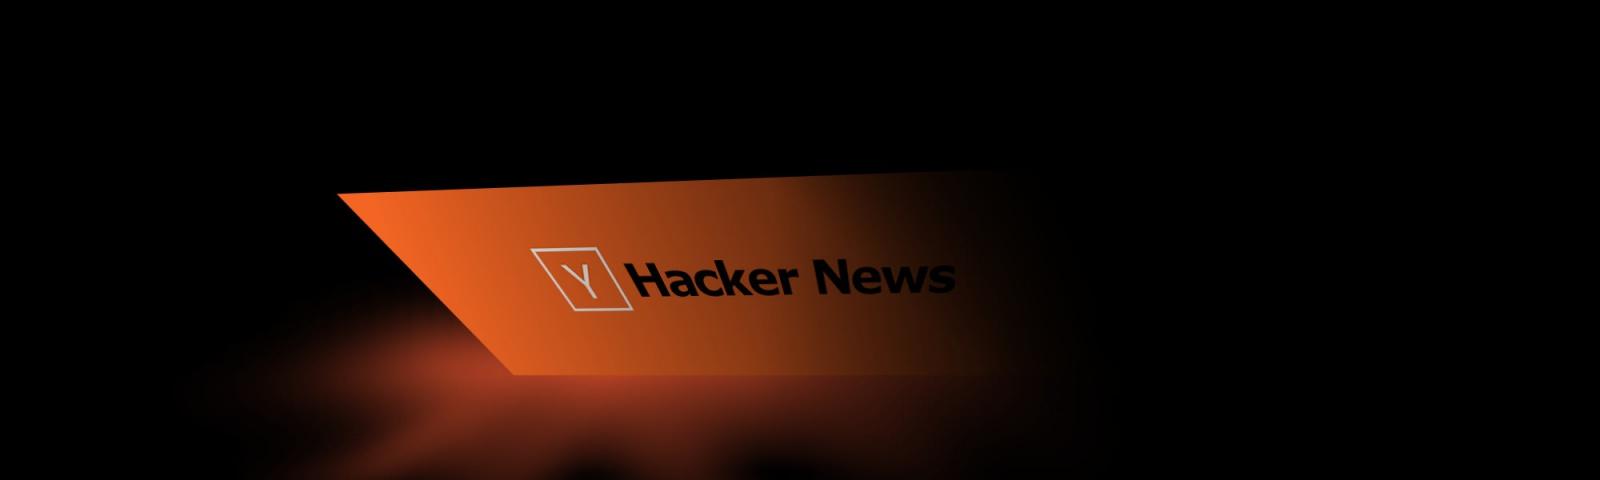 Что я понял и с какими проблемами столкнулся, создав клон Hacker News - 1